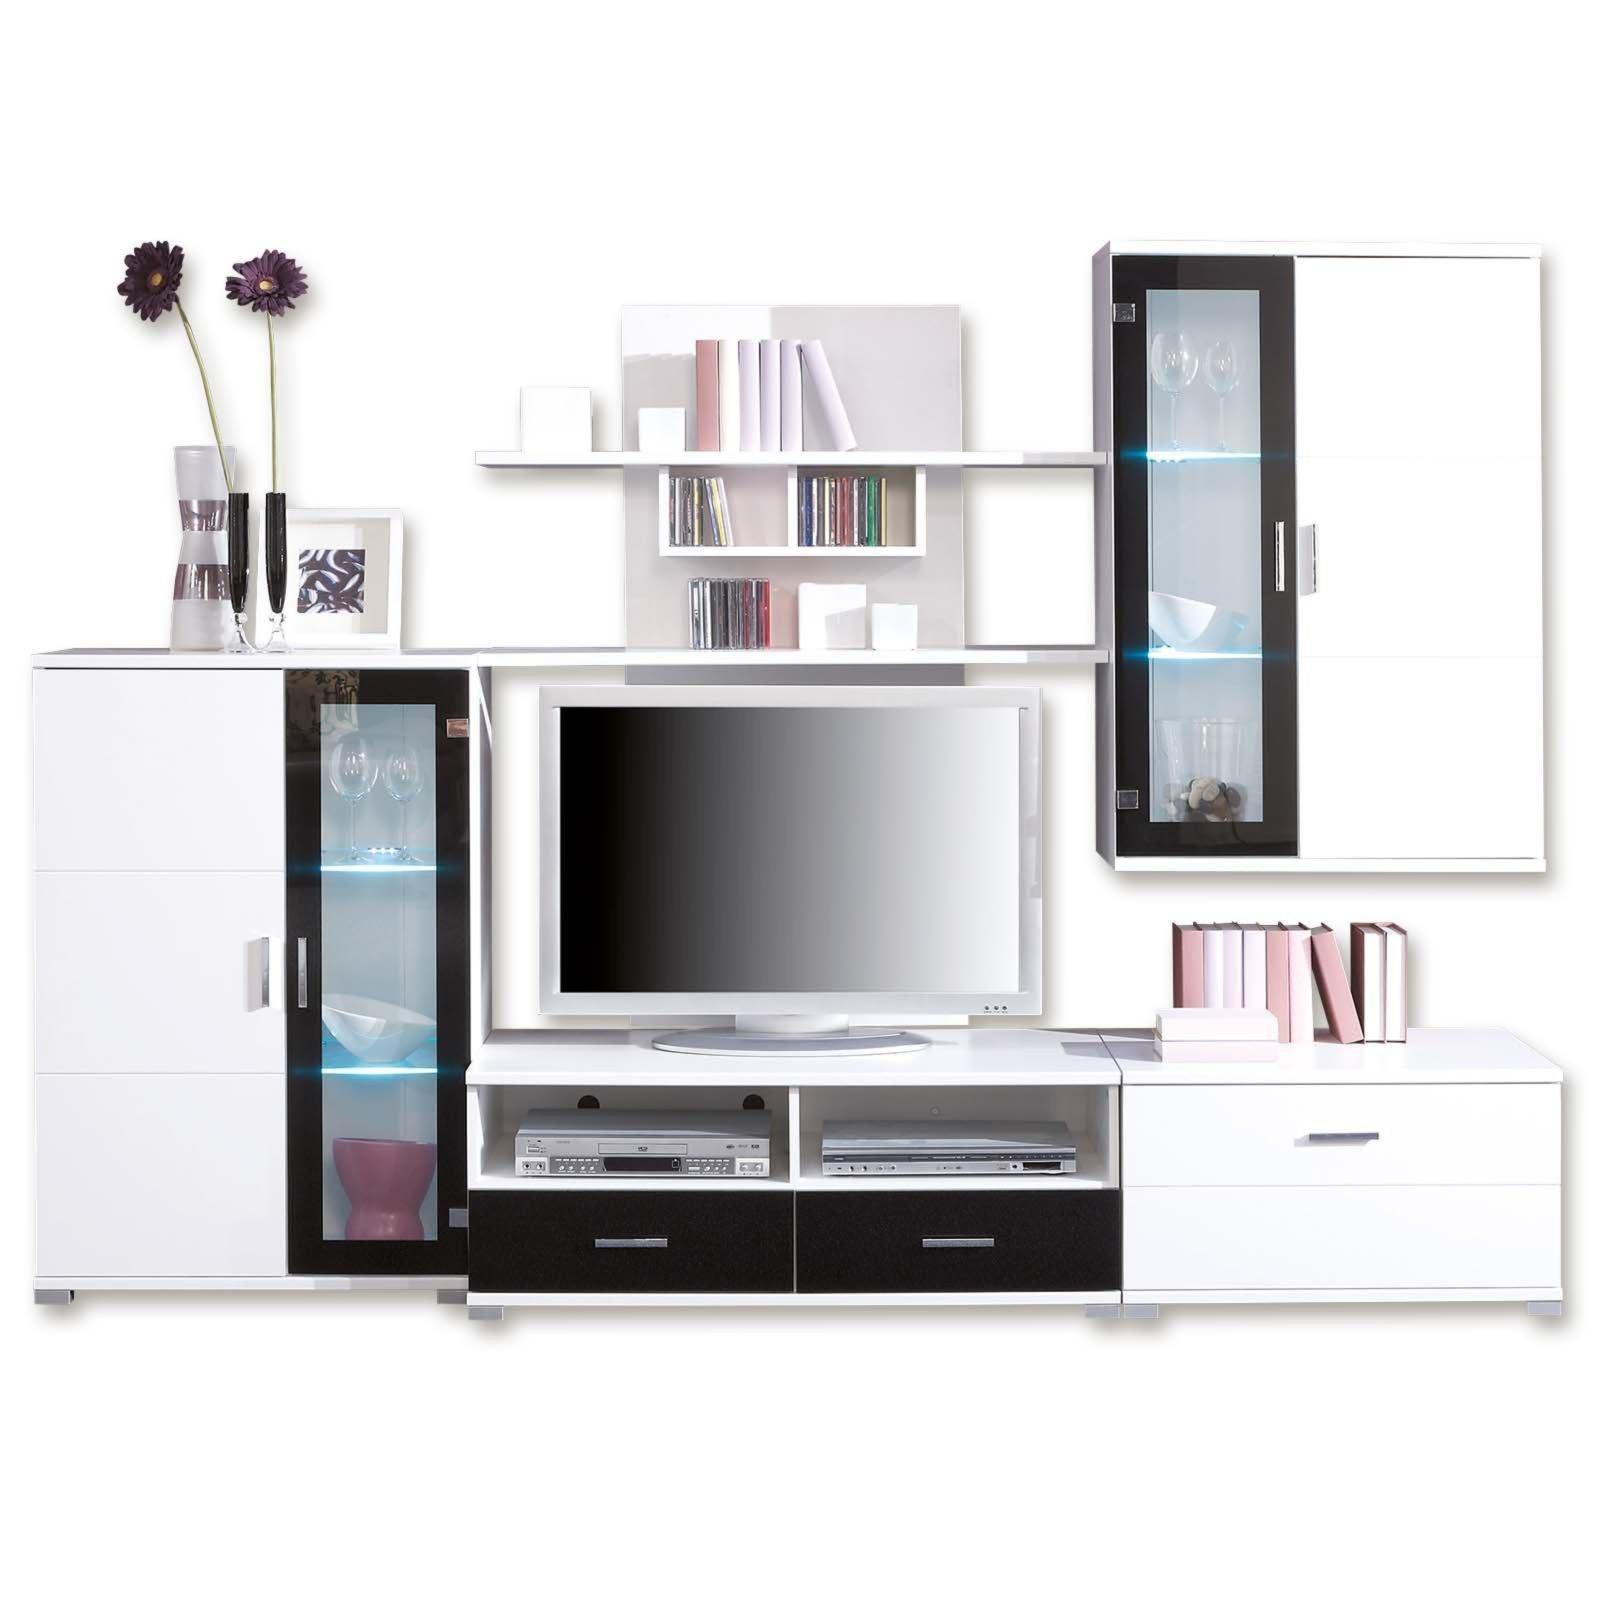 wohnwand libero wei schwarz mit led beleuchtung wohnw nde wohnw nde m bel roller. Black Bedroom Furniture Sets. Home Design Ideas